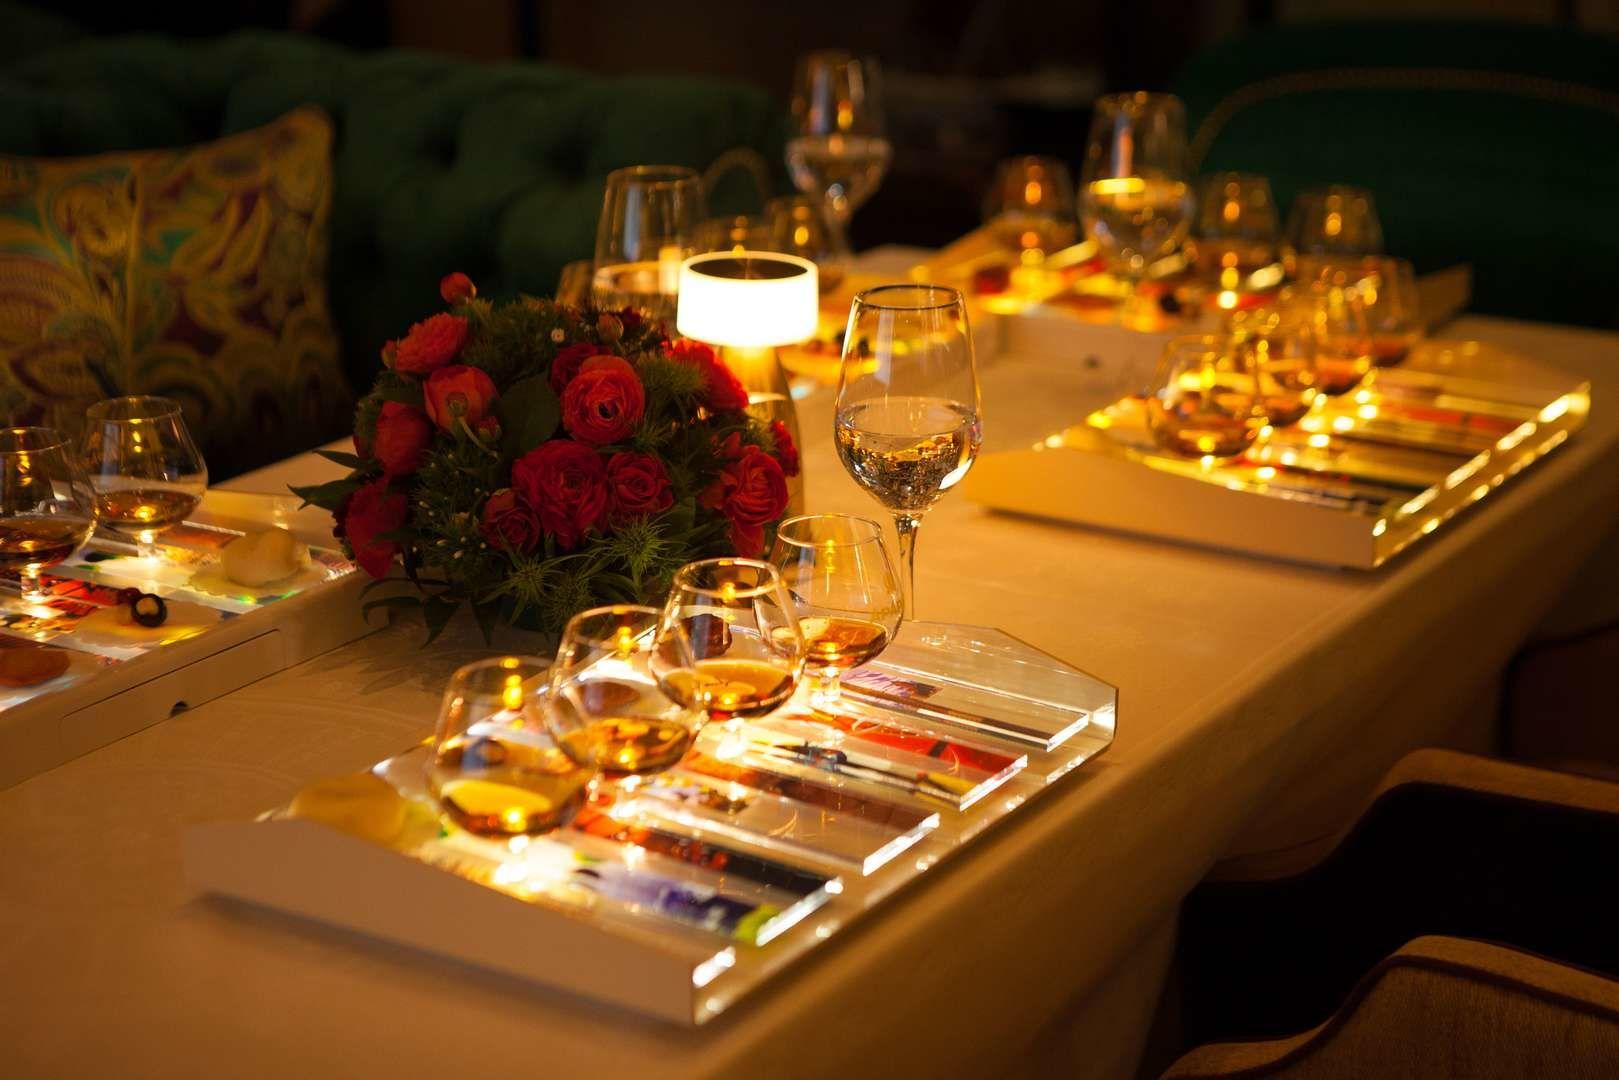 Сервировка стола в ресторане «Брунелло», г. Сочи ©Фото с сайта brunellosochi.ru